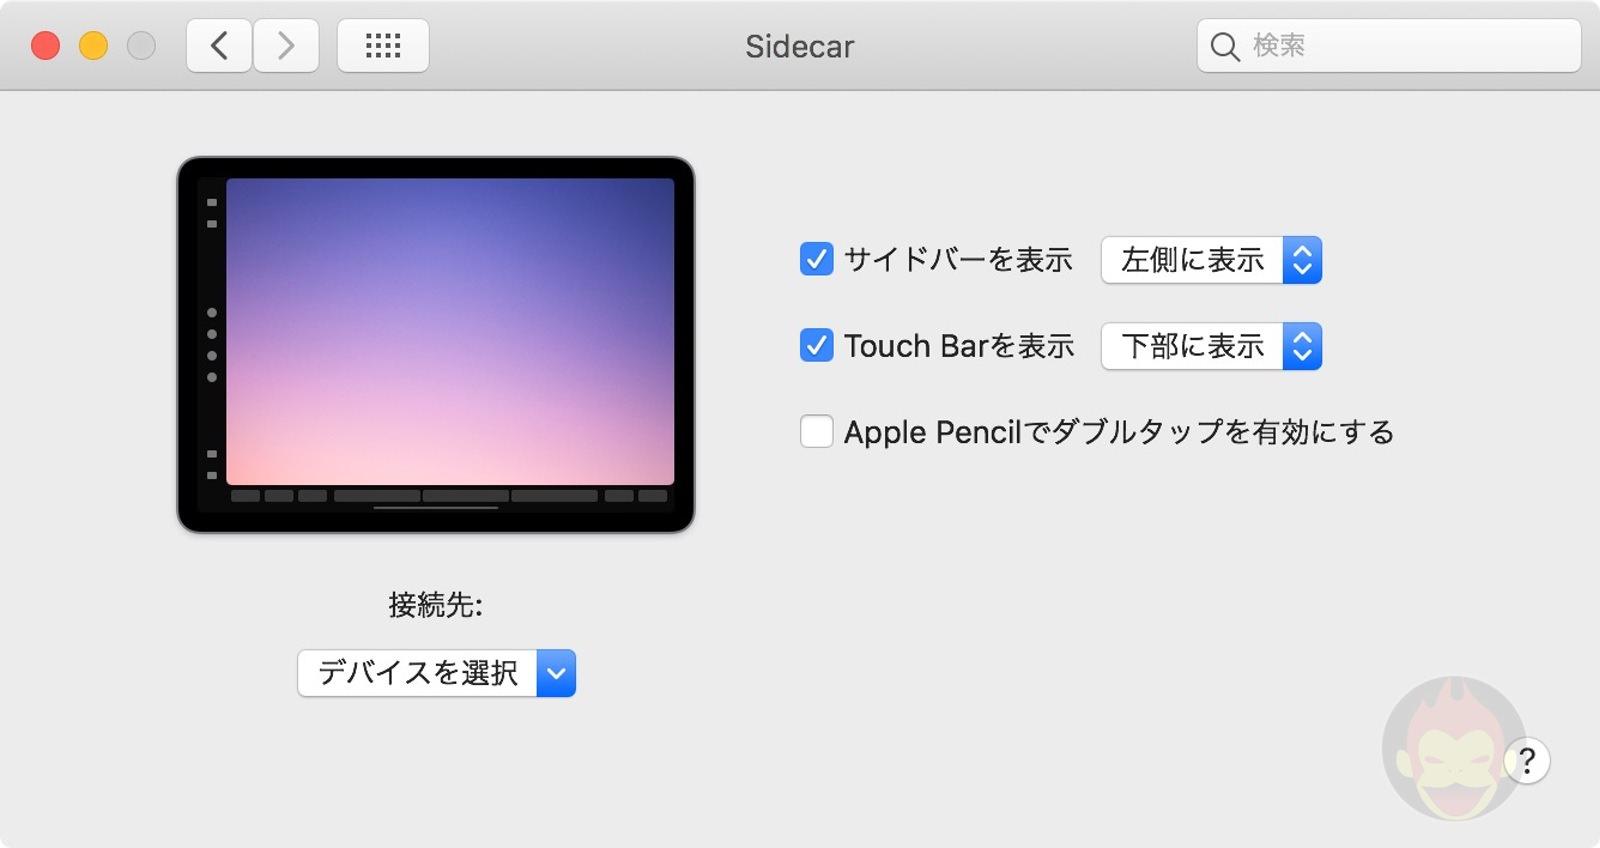 macOS-Catalina-10_15-new-updates-21.jpg